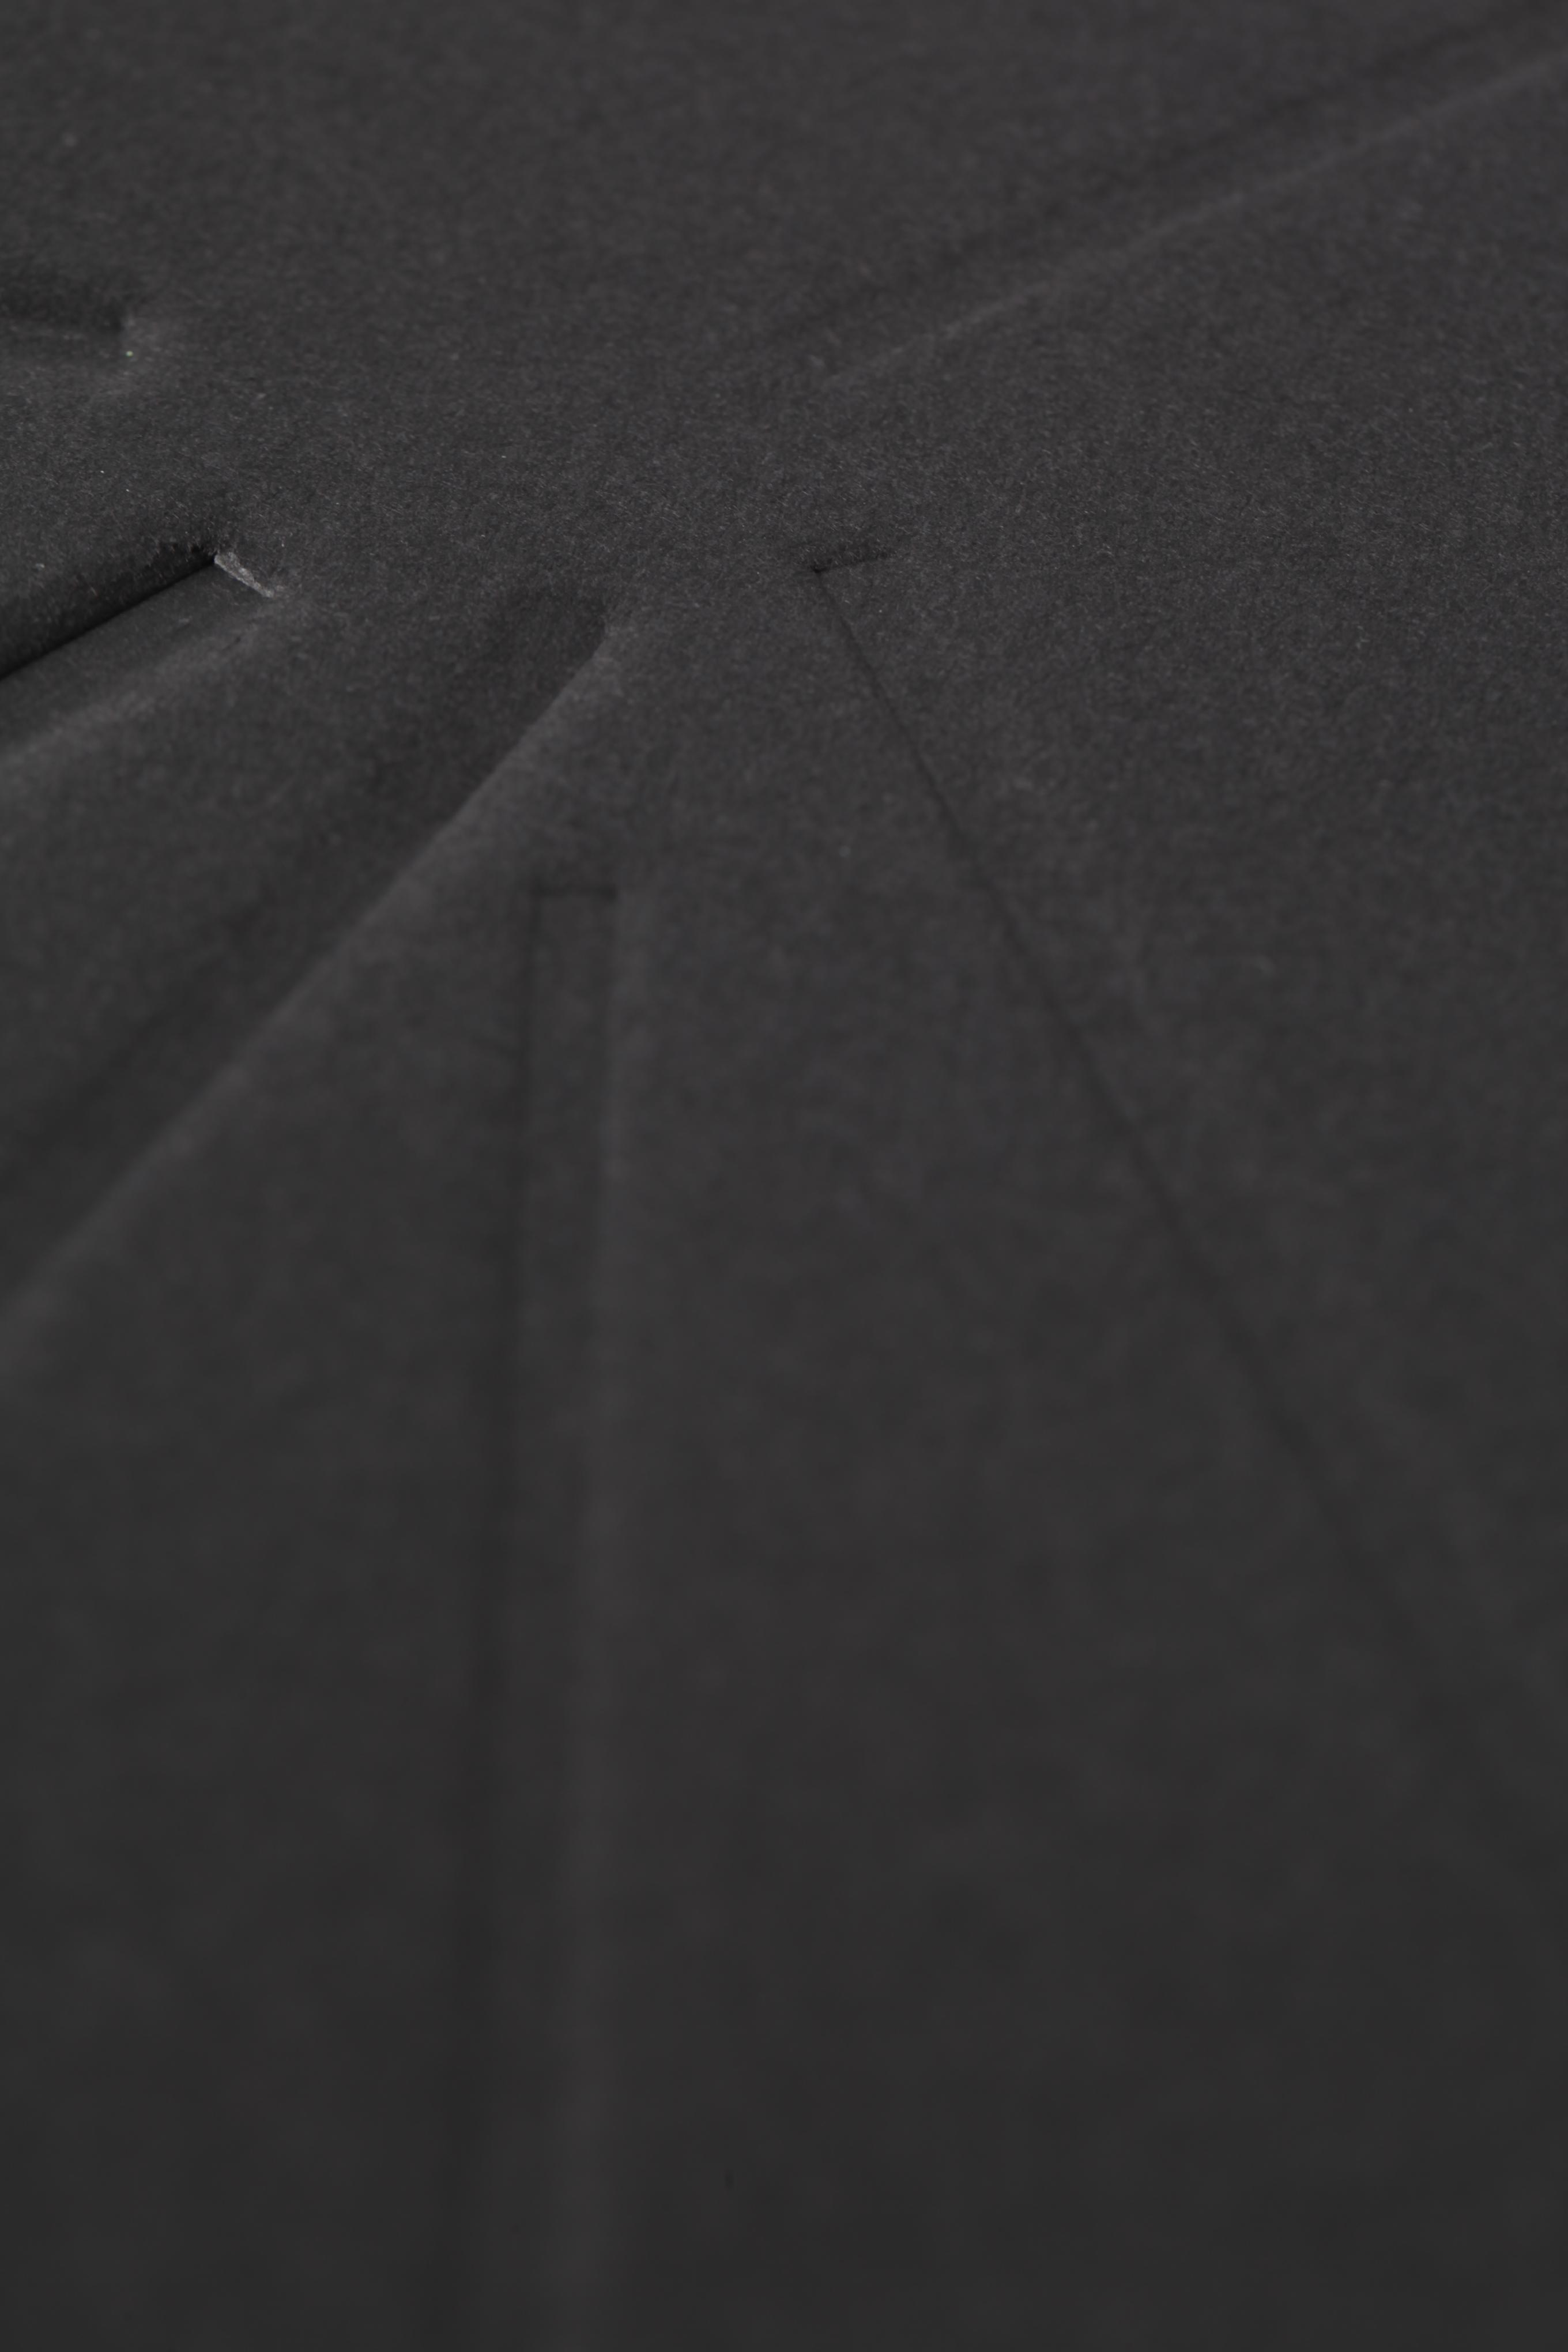 Textures lines